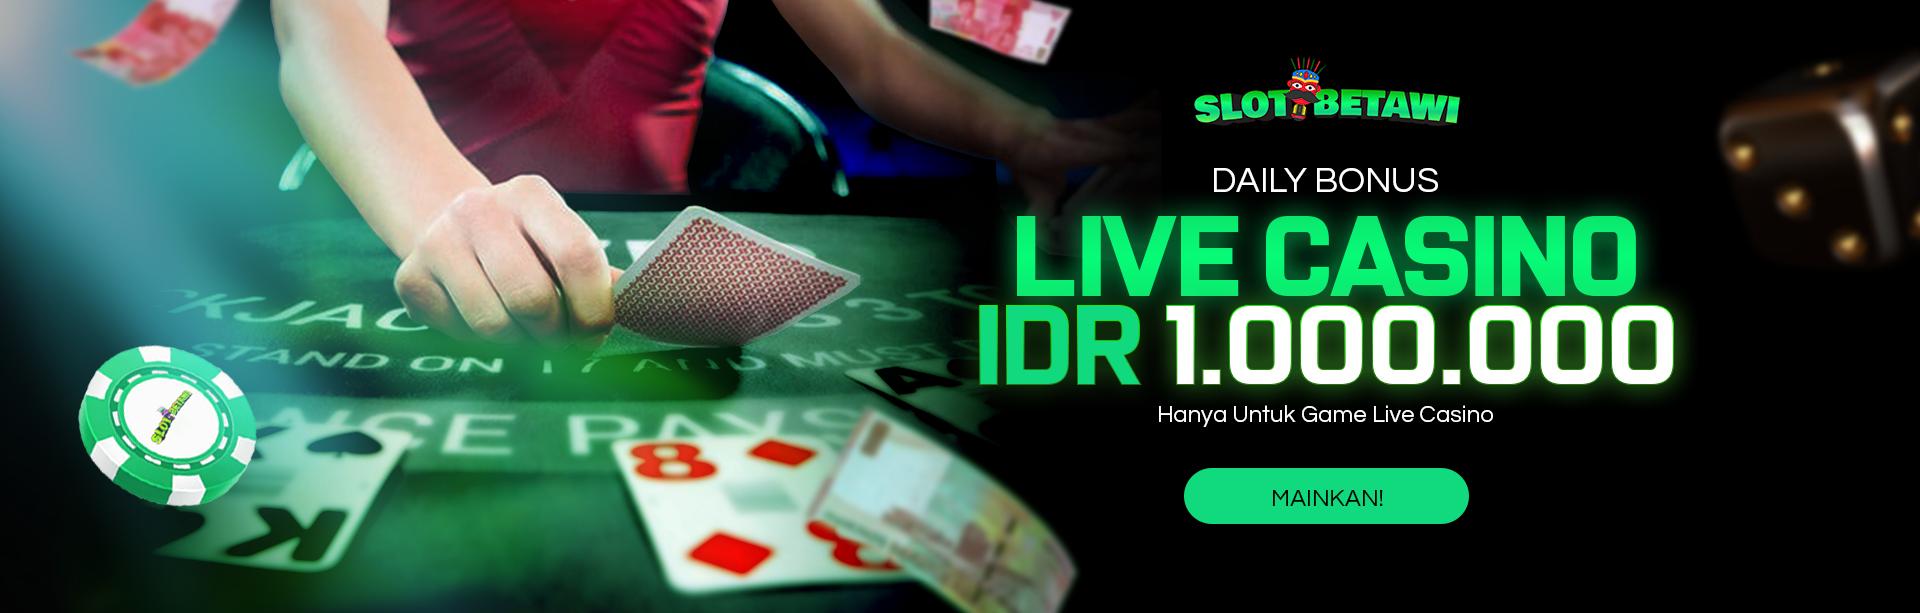 Daily Bonus Casino Max IDR 1.000.000